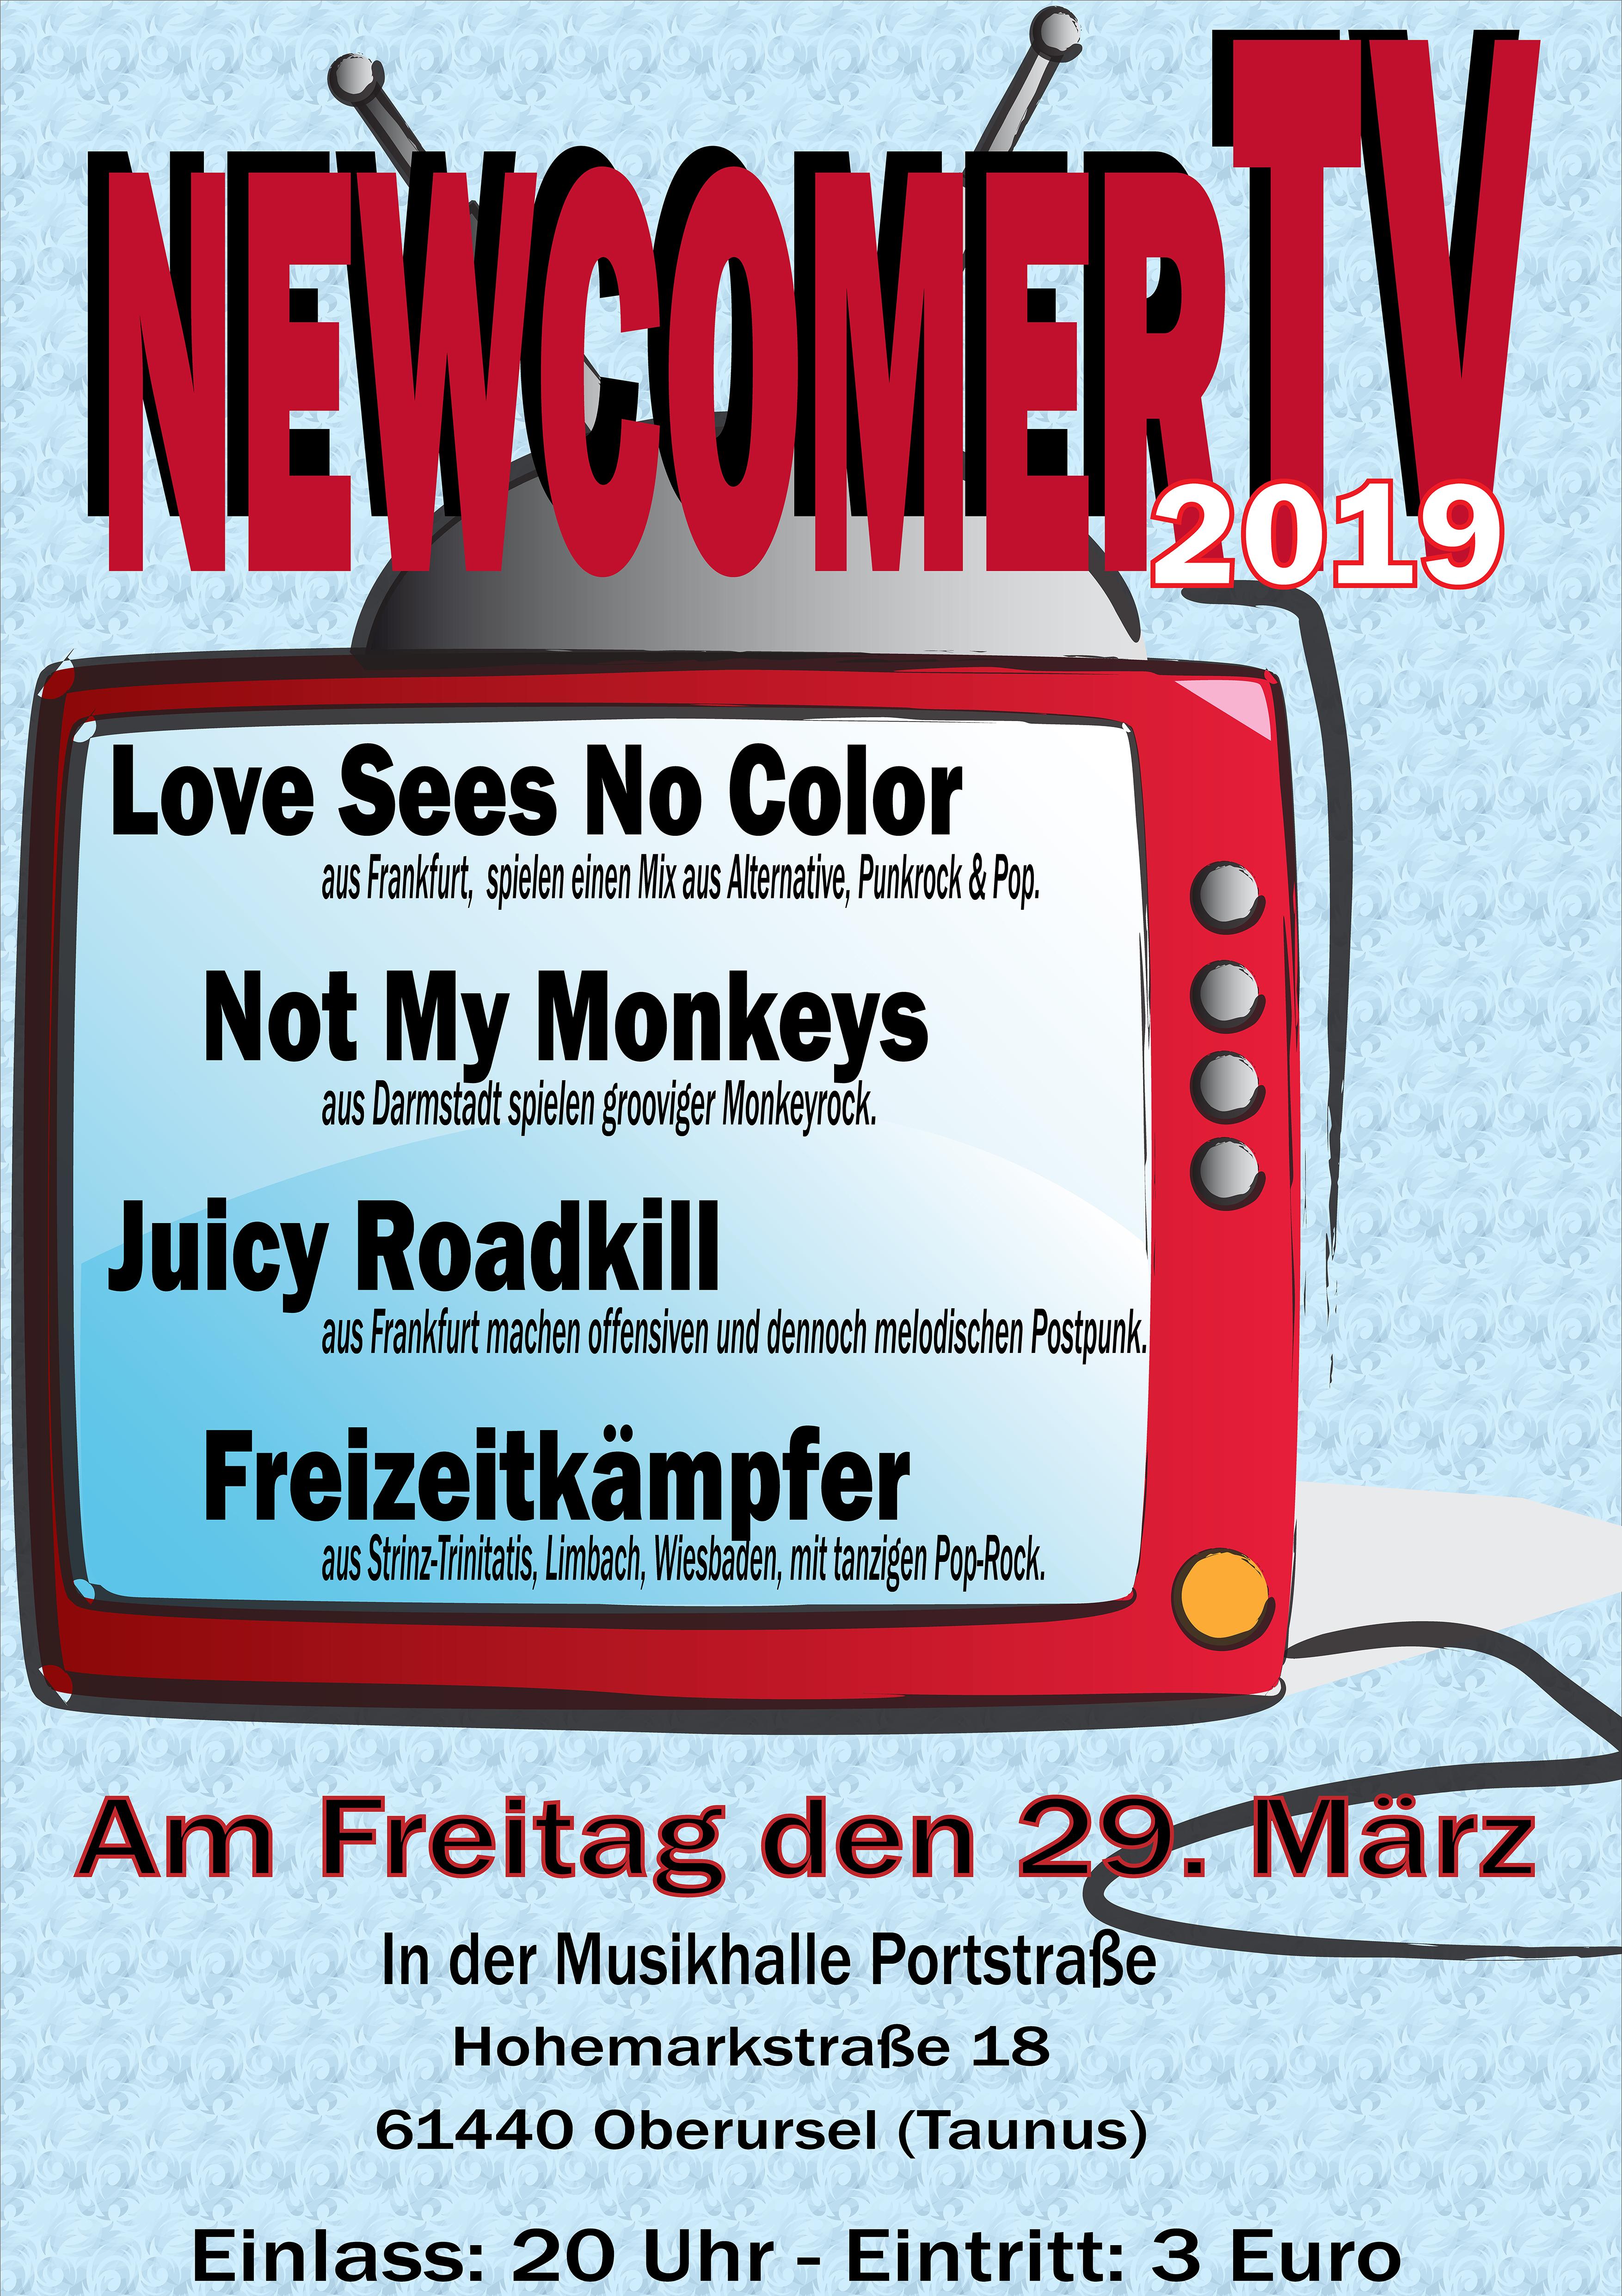 Die erste NewcomerTV 2019 Nacht in der Musikhalle Portstrasse.